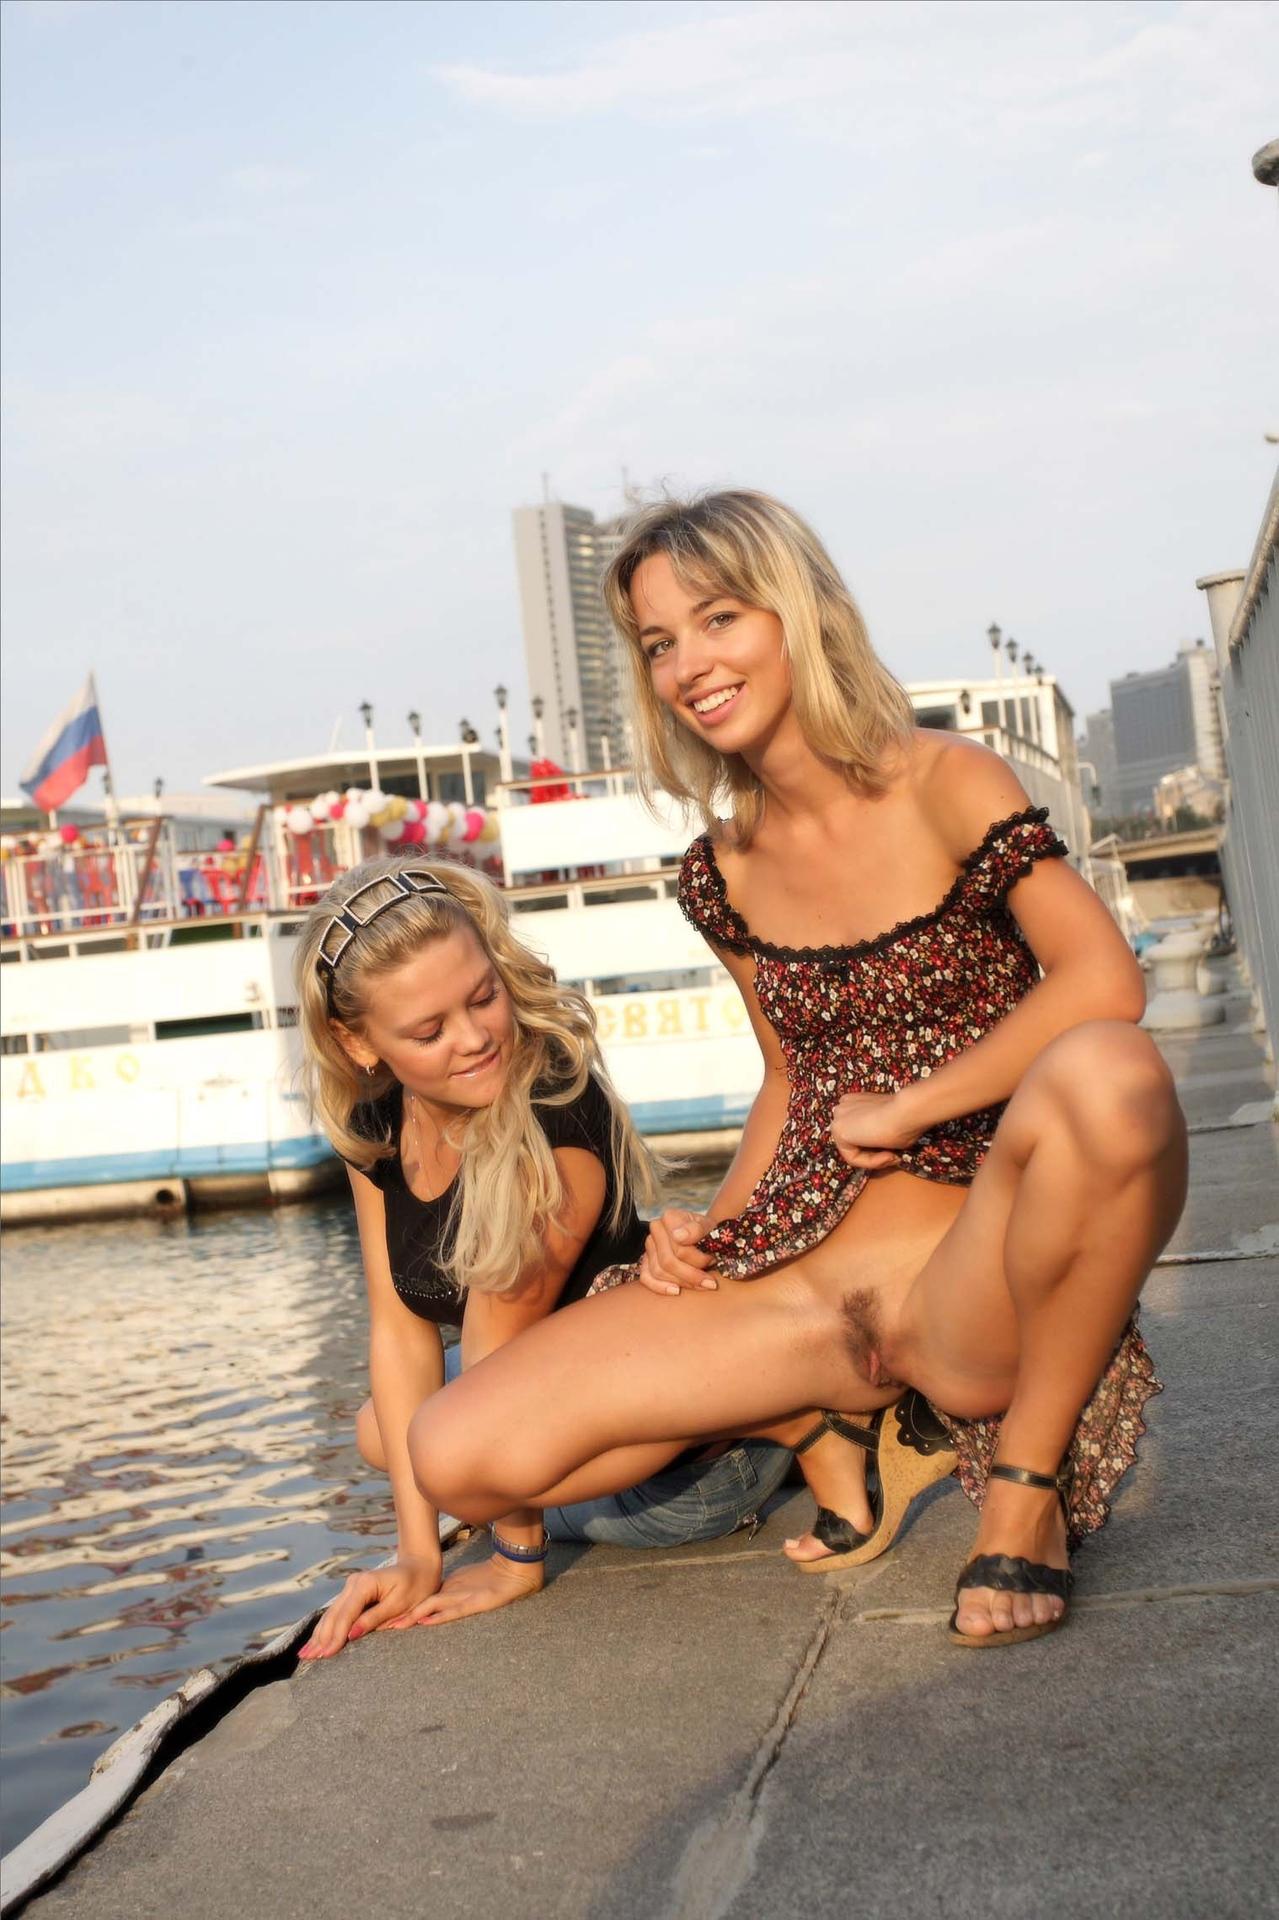 Эротика на улицах москвы 14 фотография